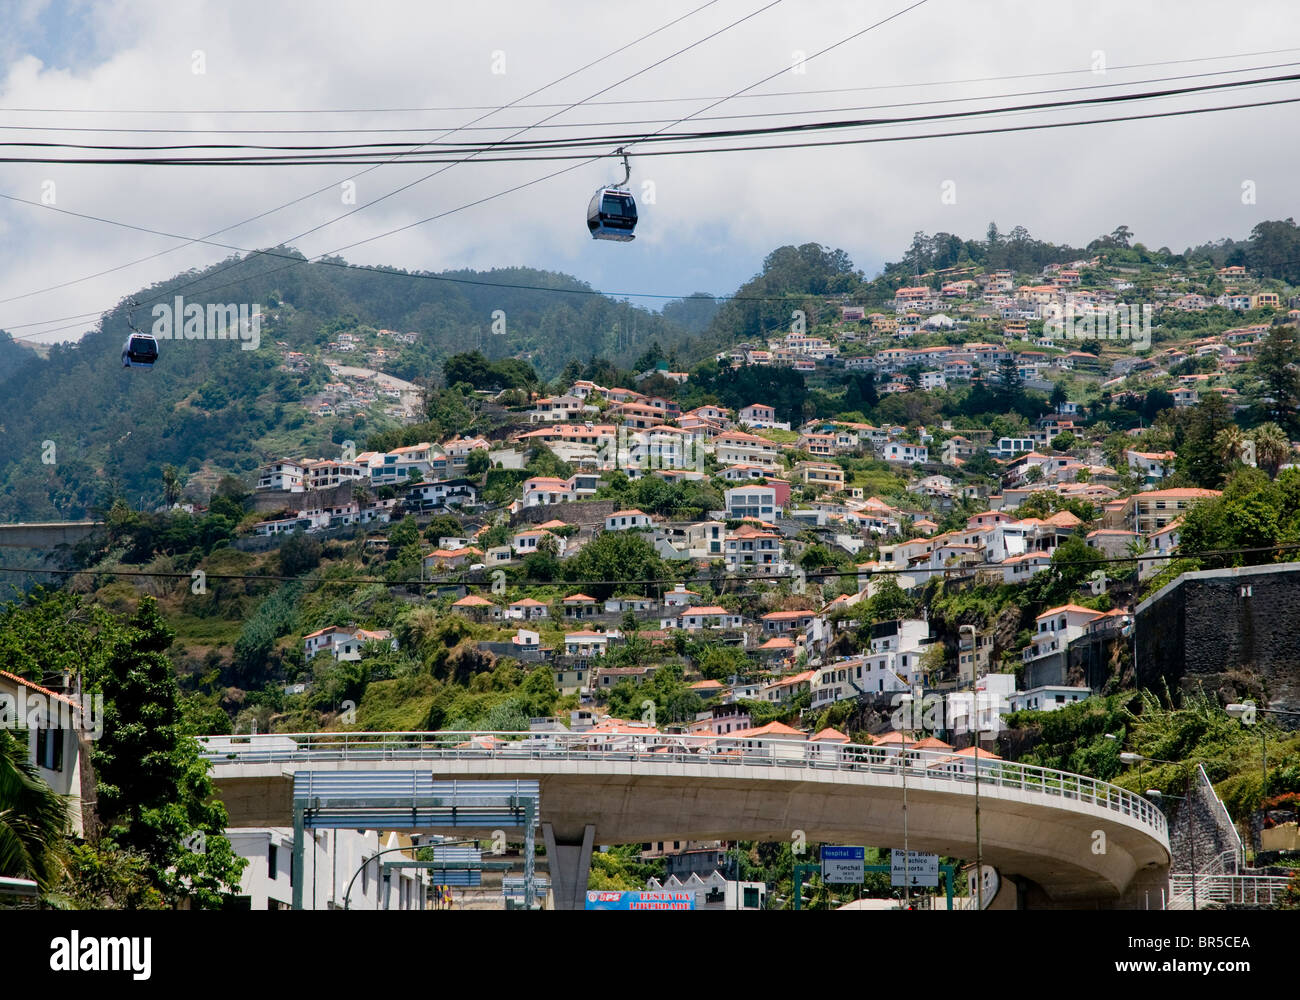 Das Zentrum von Funchal, der Hauptstadt von Madeira, zeigen verschiedene Transport- und Kommunikationsinfrastruktur. Stockbild